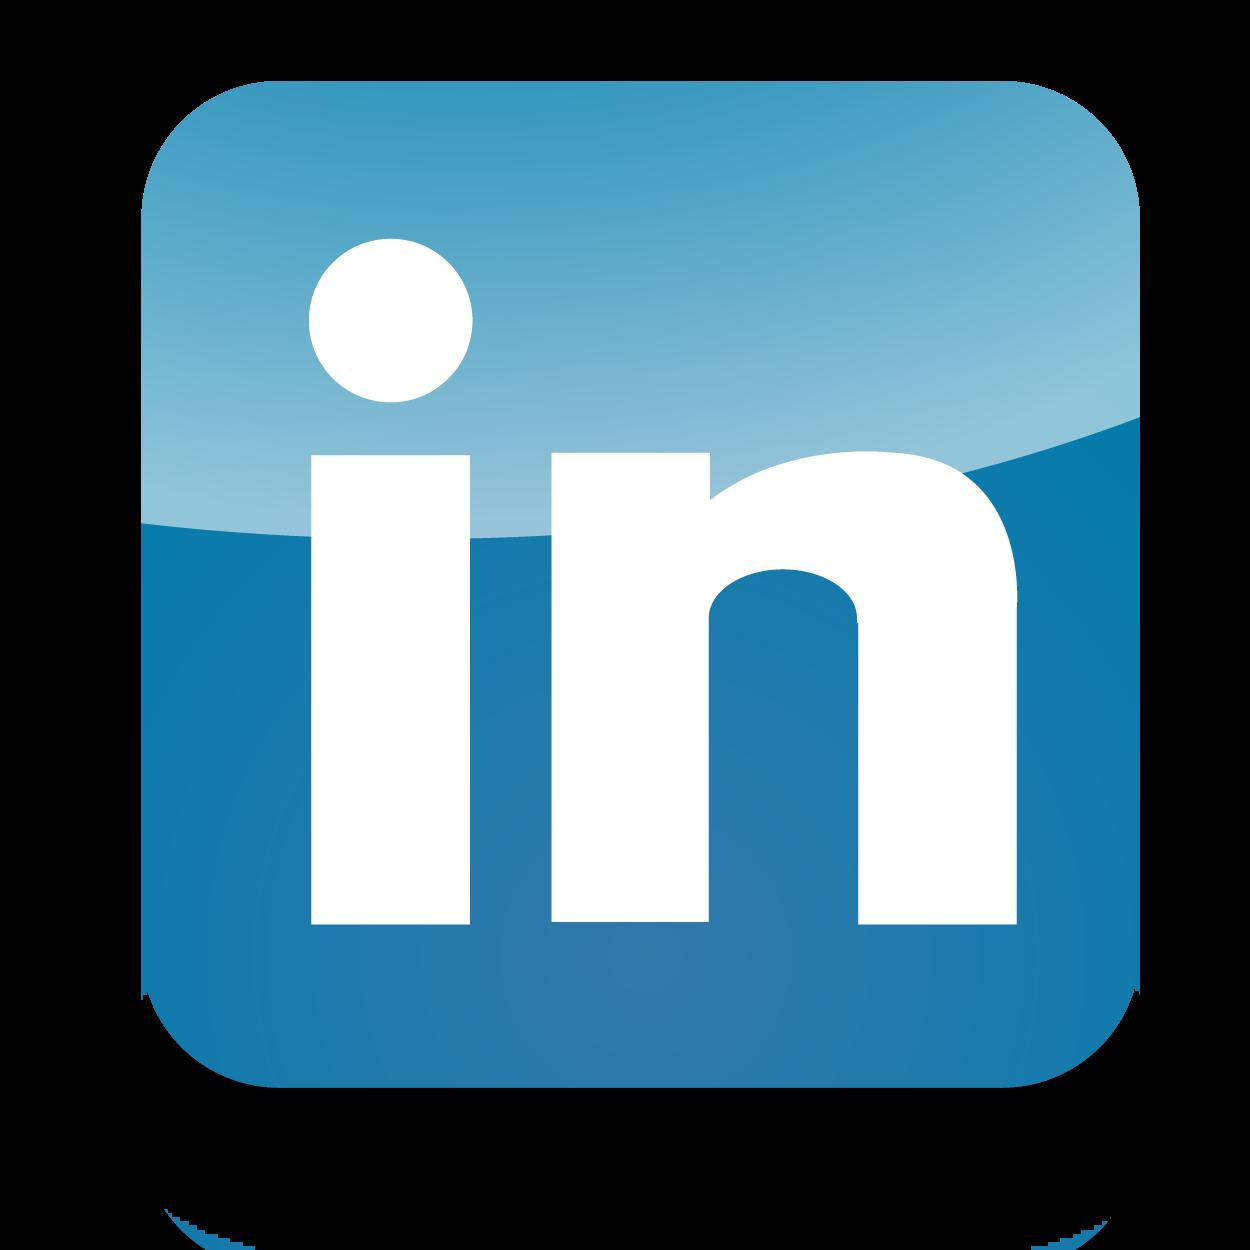 Png images free download. Facebook clipart logo linkedin